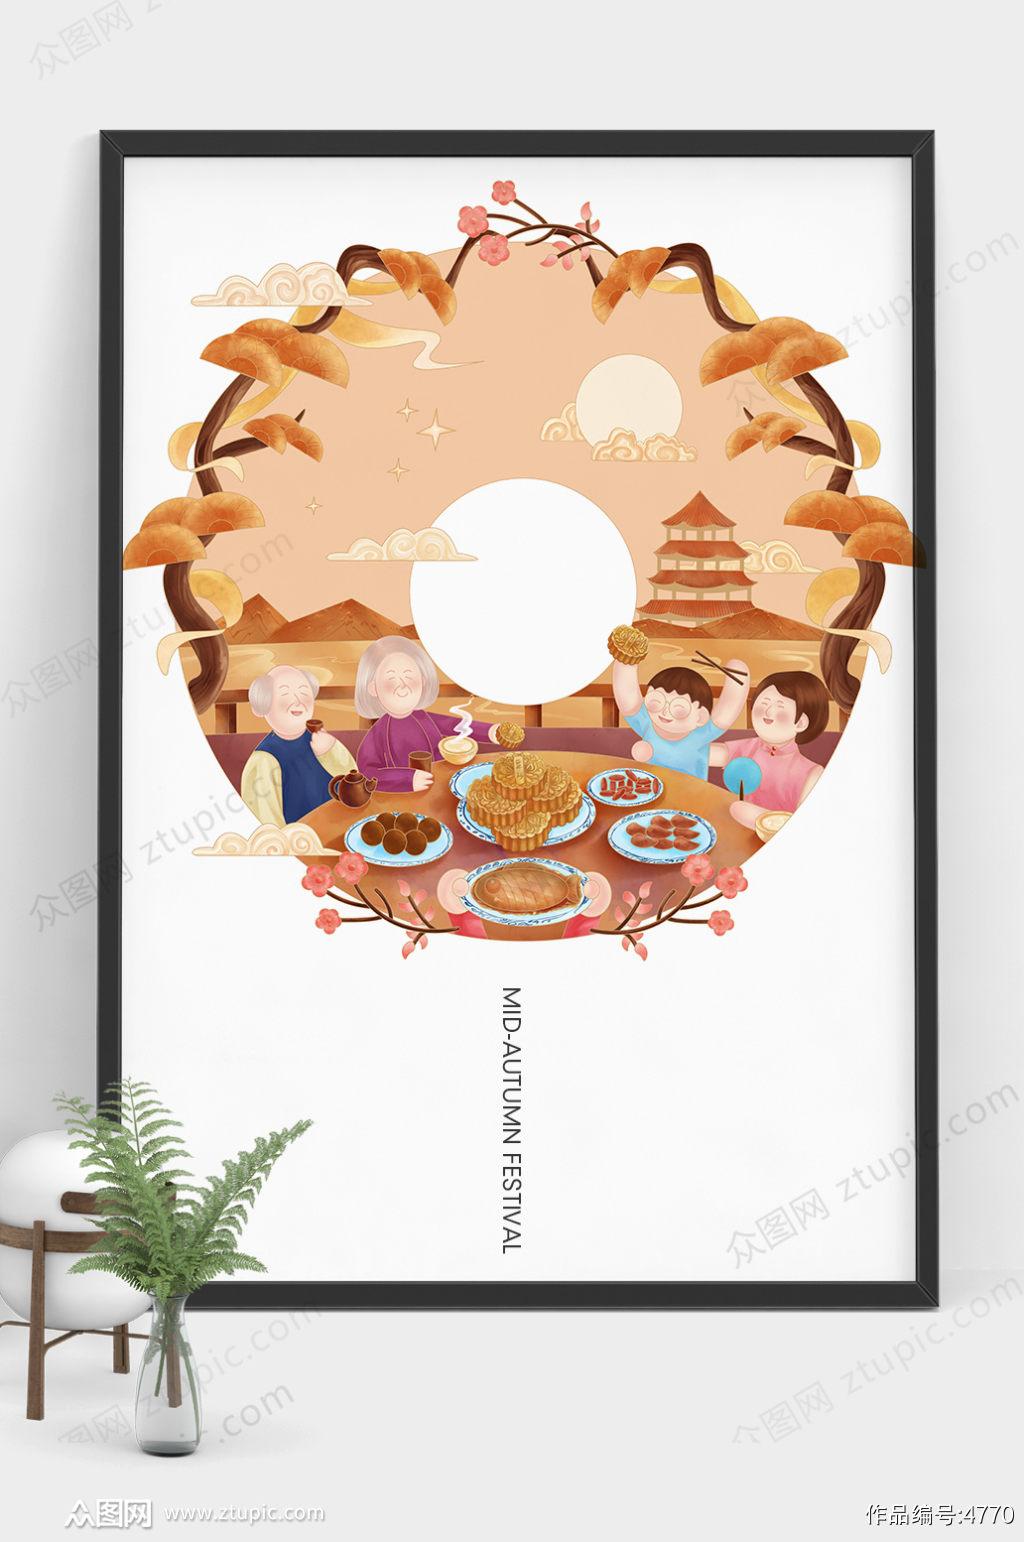 原创中秋节嫦娥奔月商业插画设计素材